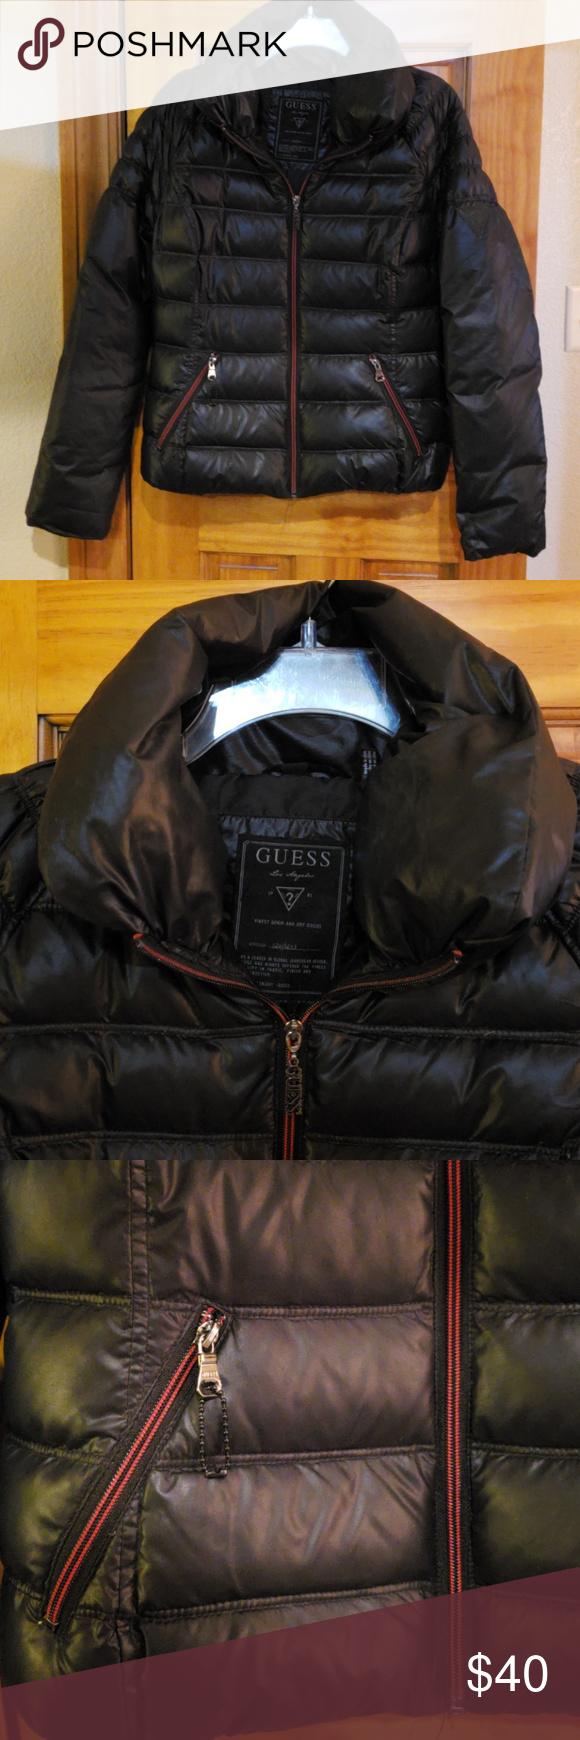 Guess Puffer Jacket With Red Zipper Puffer Jackets Black Puffer Jackets [ 1740 x 580 Pixel ]